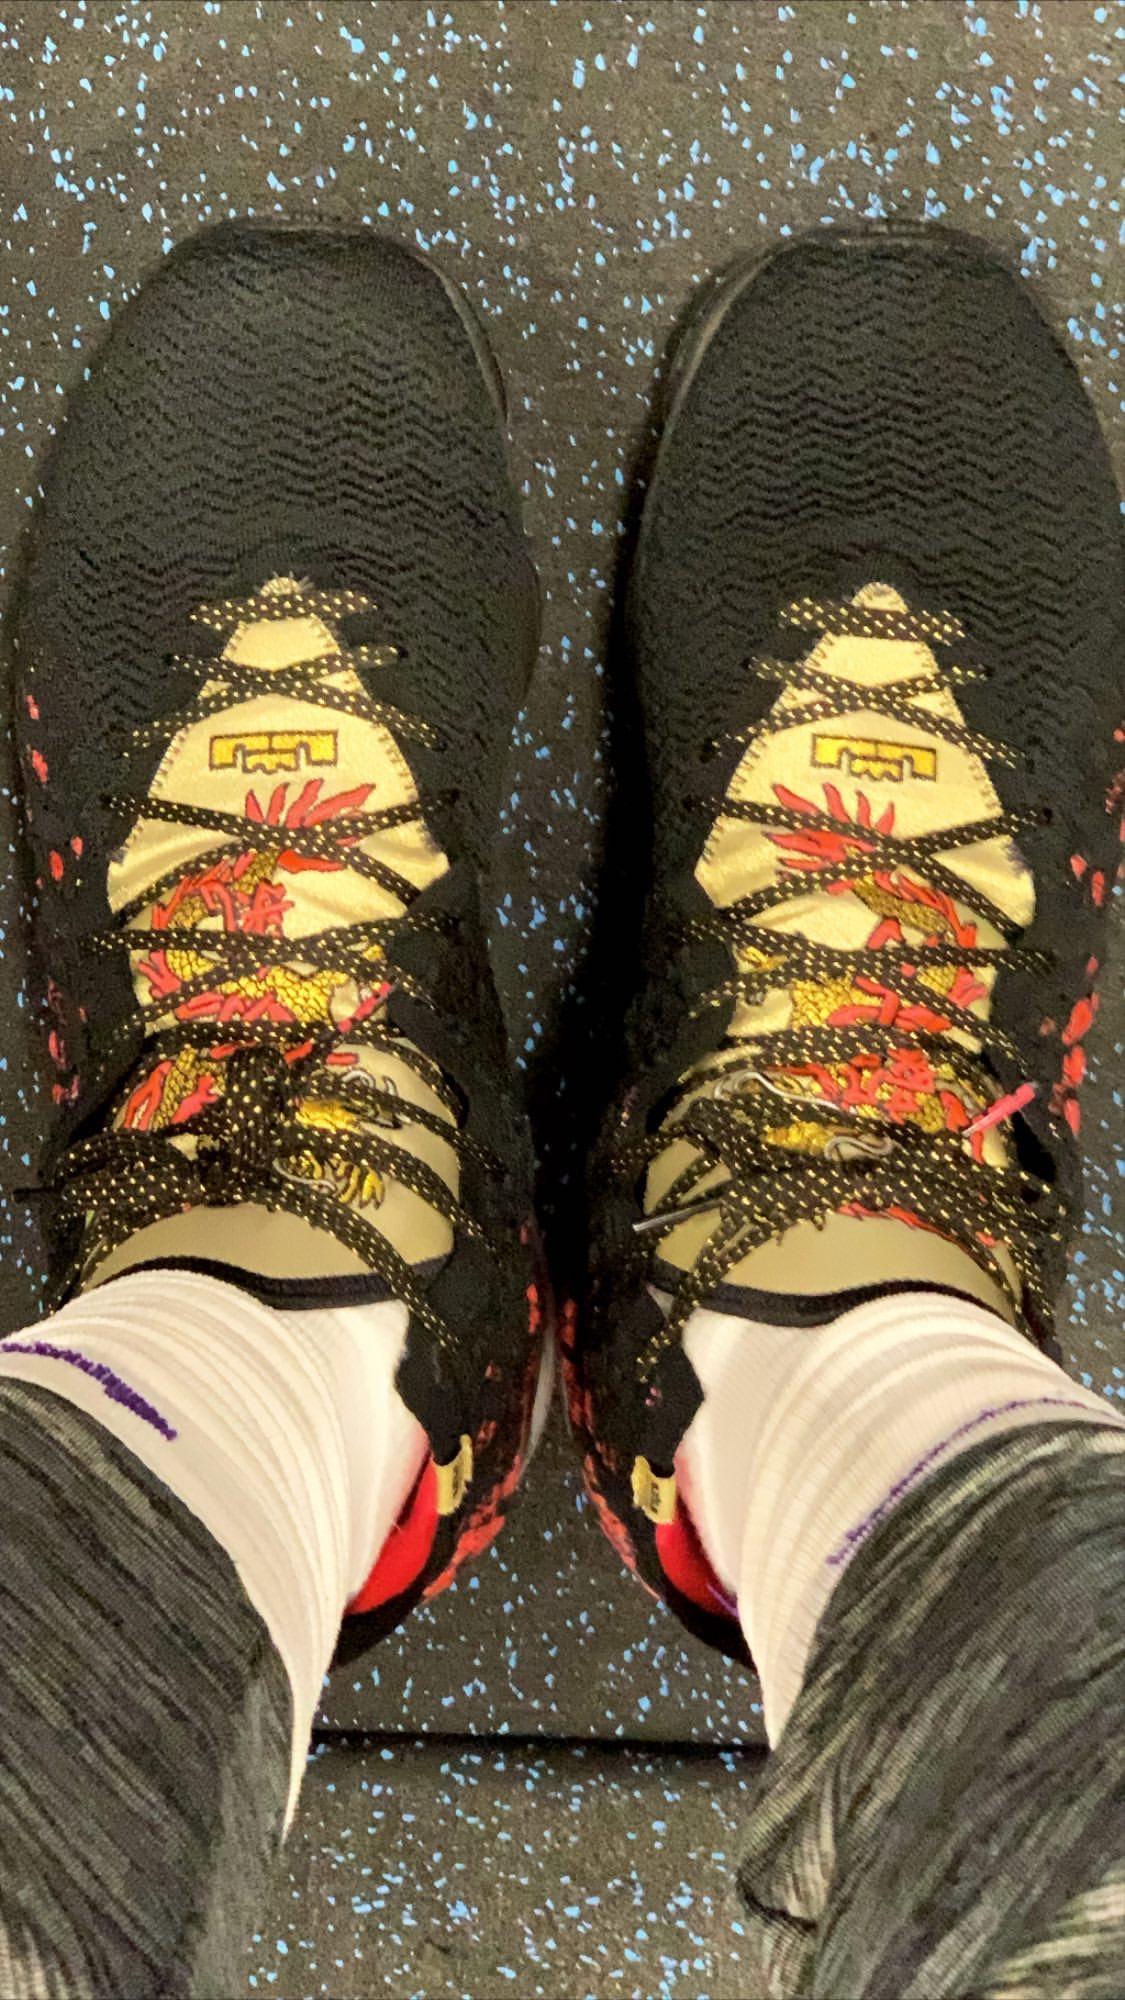 勇气与毅力!詹姆斯自拍展示今日上脚詹17战靴